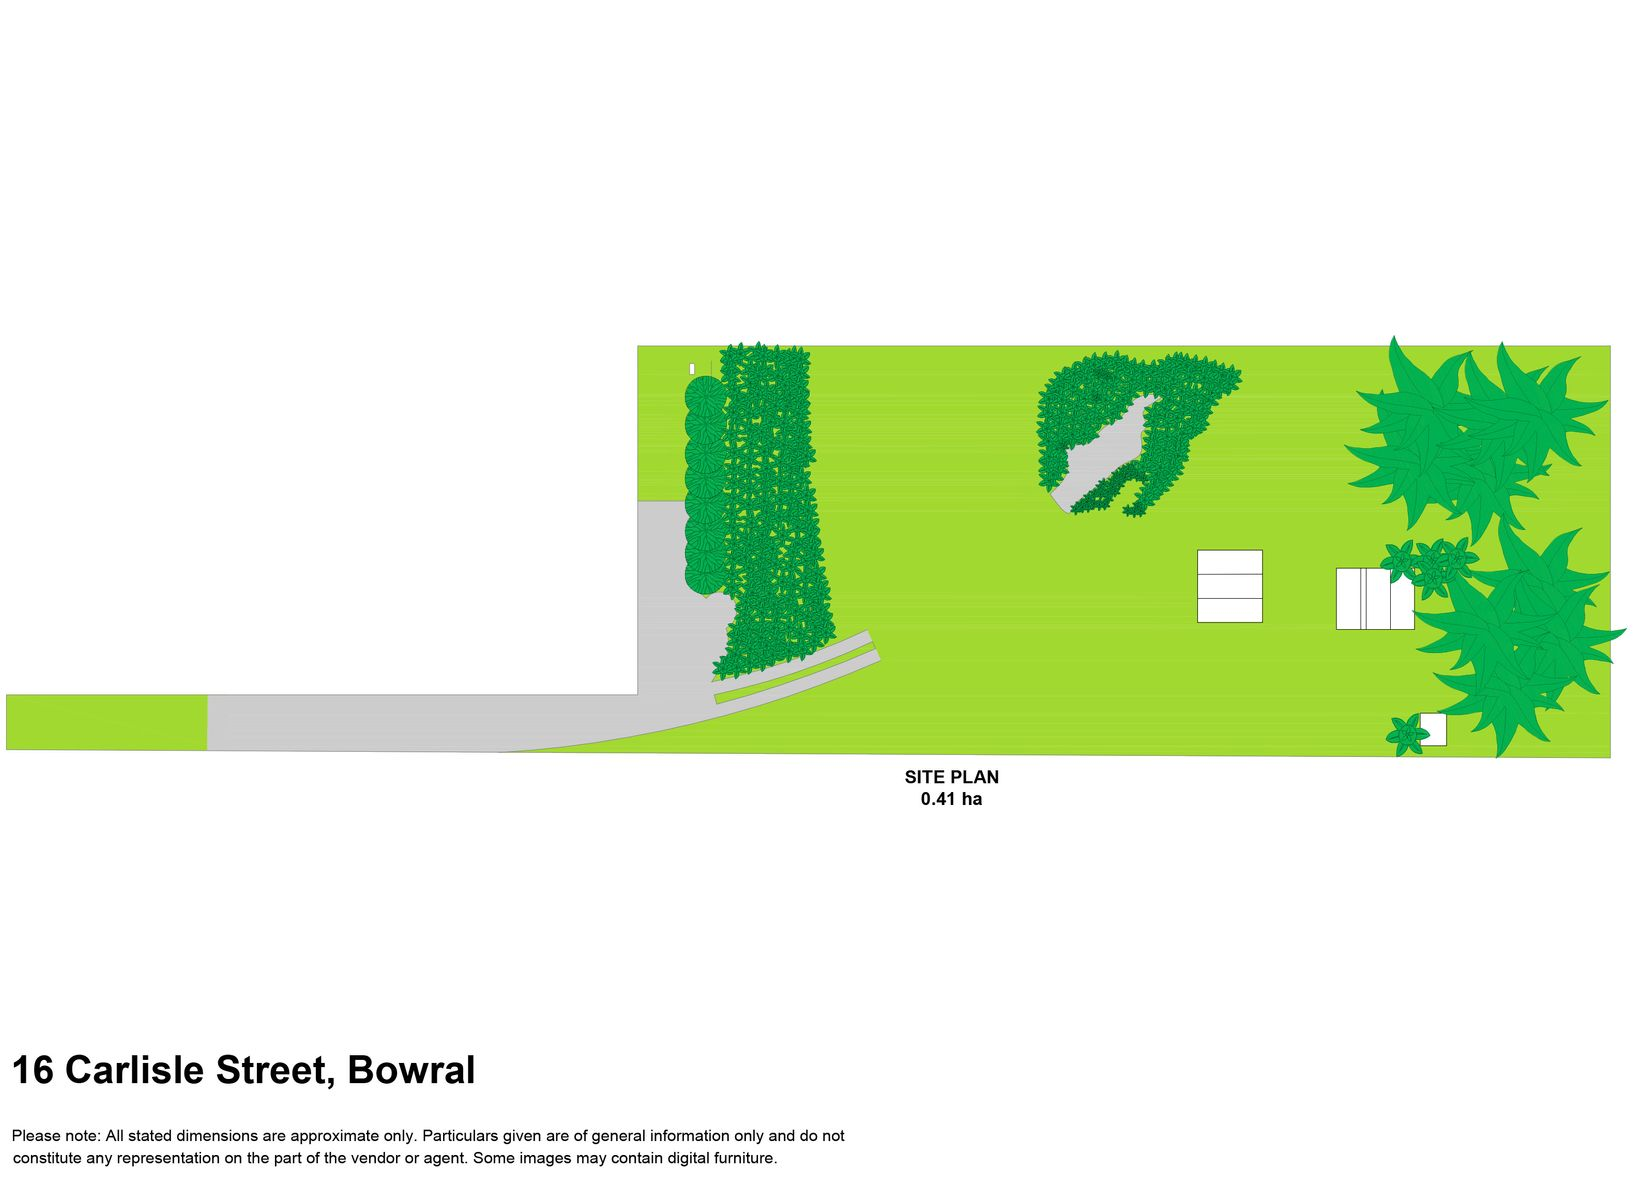 16 Carlisle Street, Bowral, NSW 2576